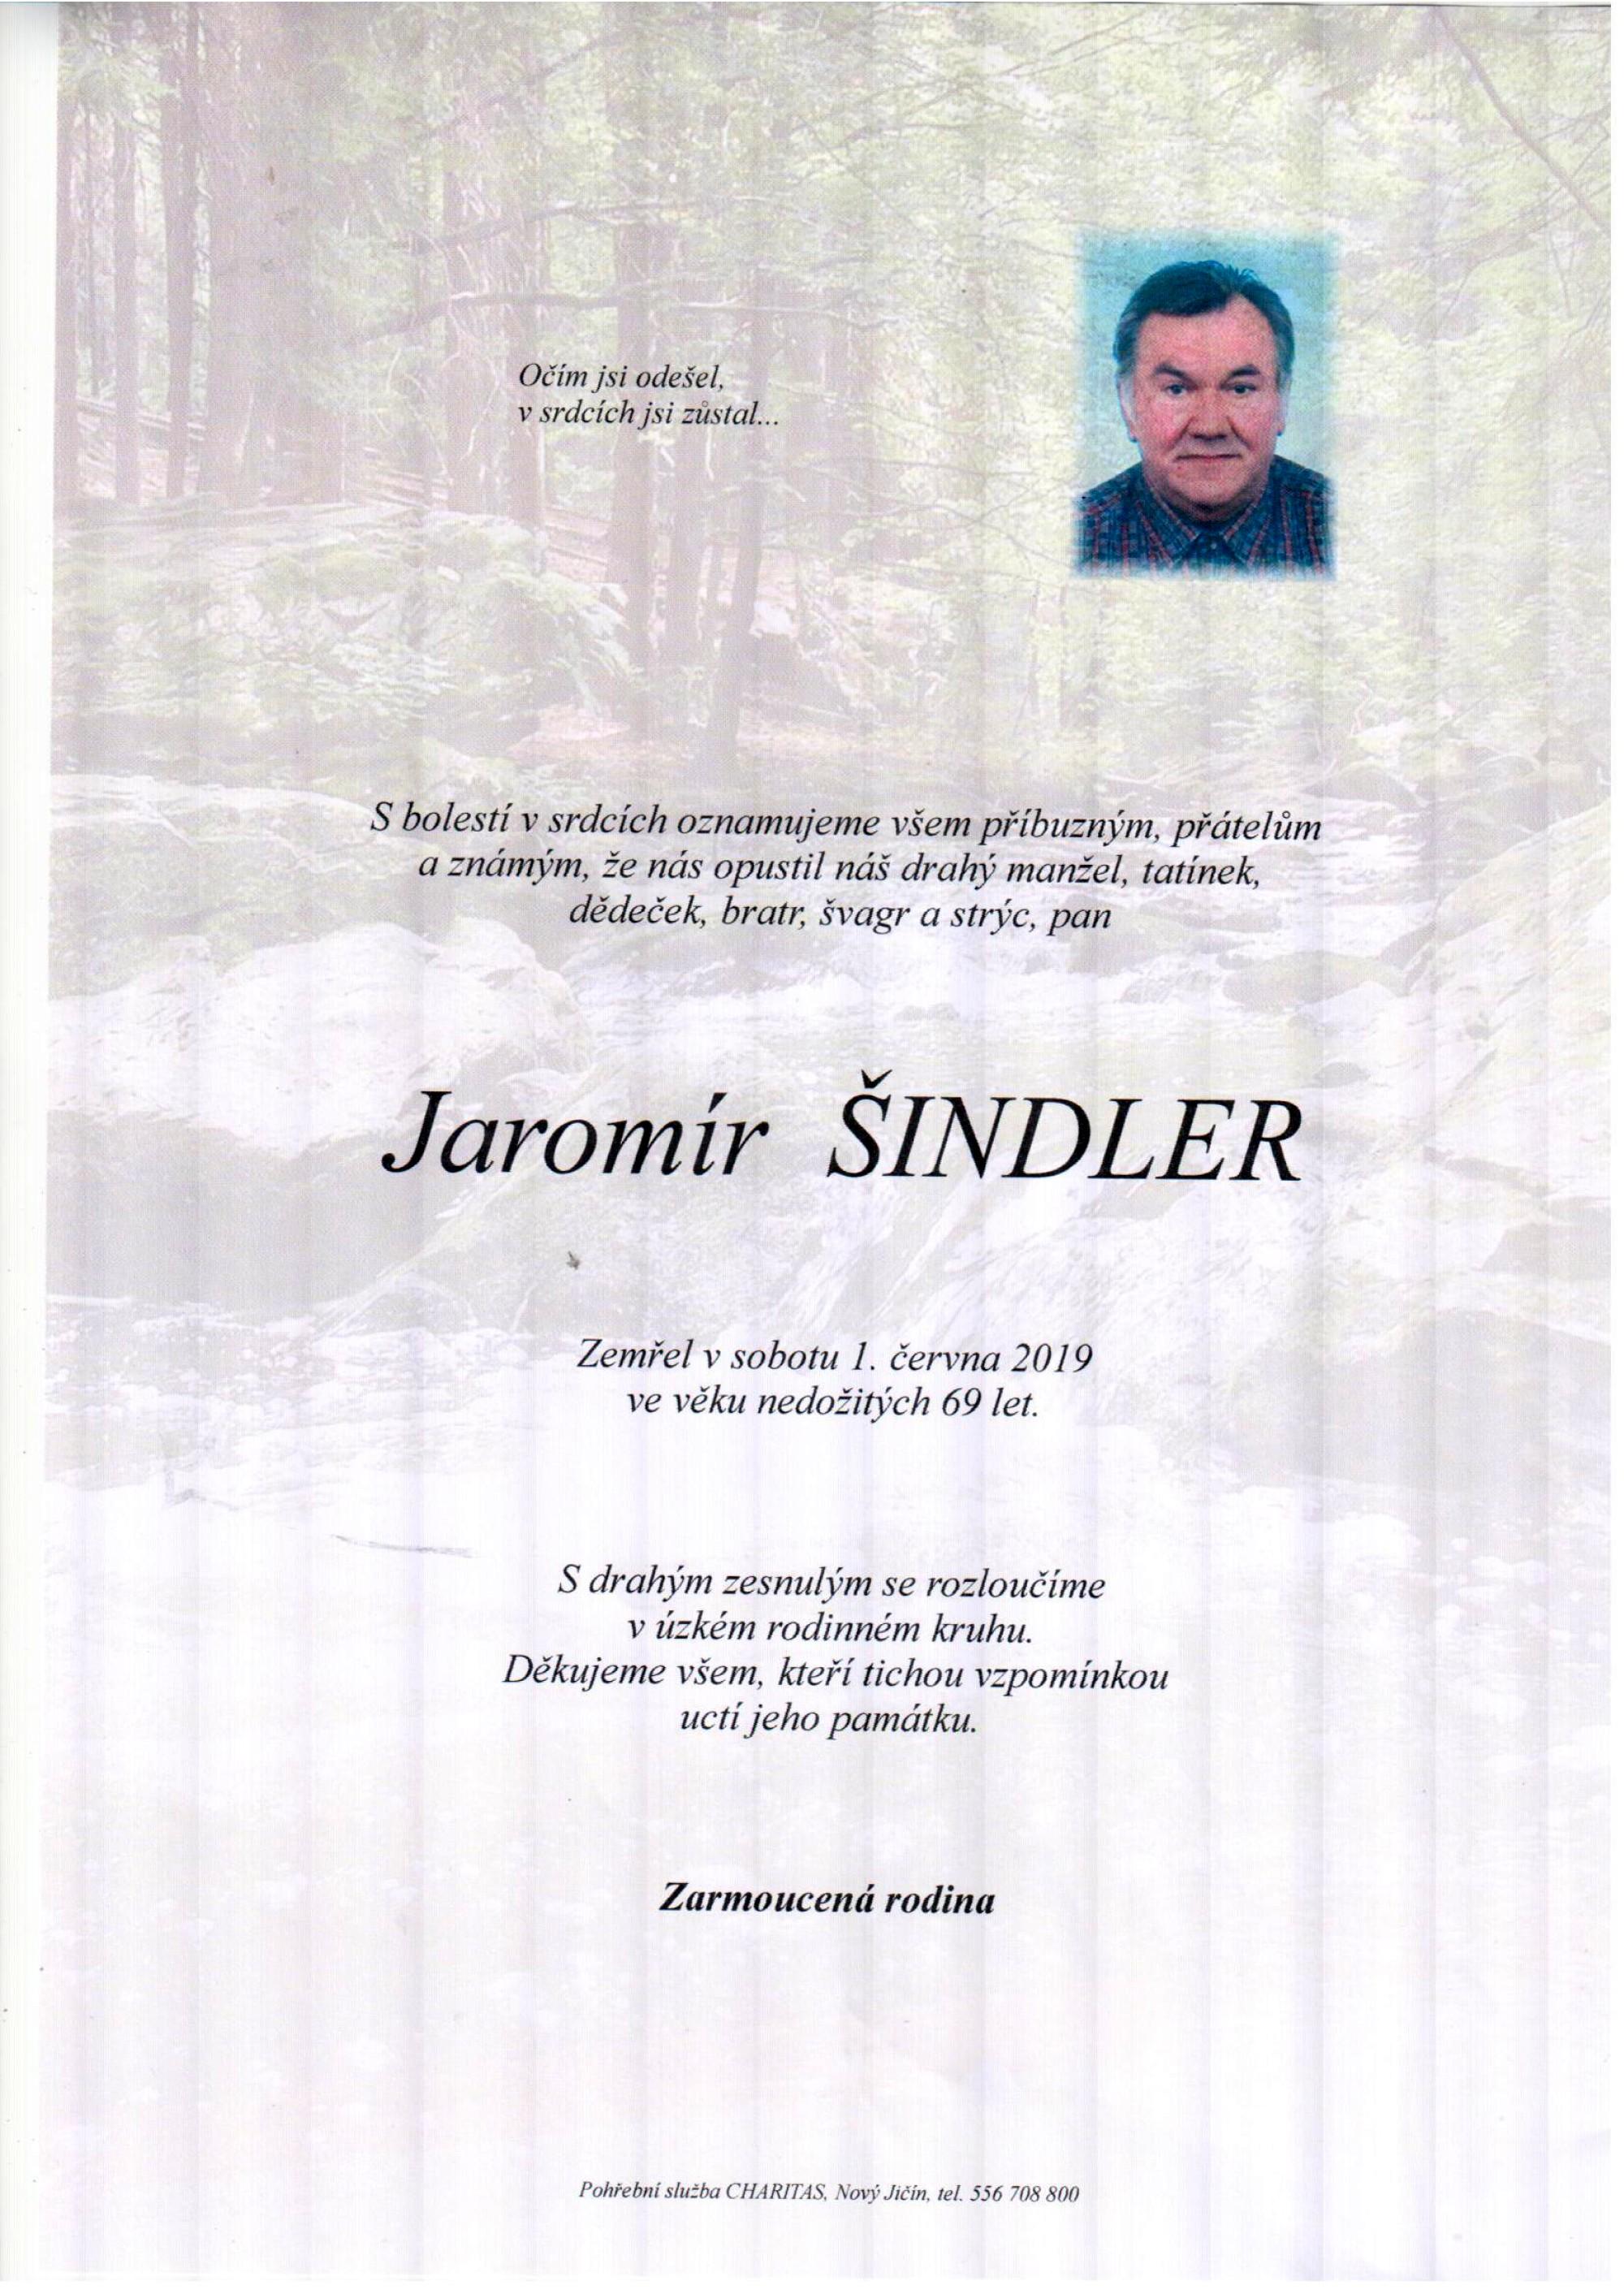 Jaromír Šindler